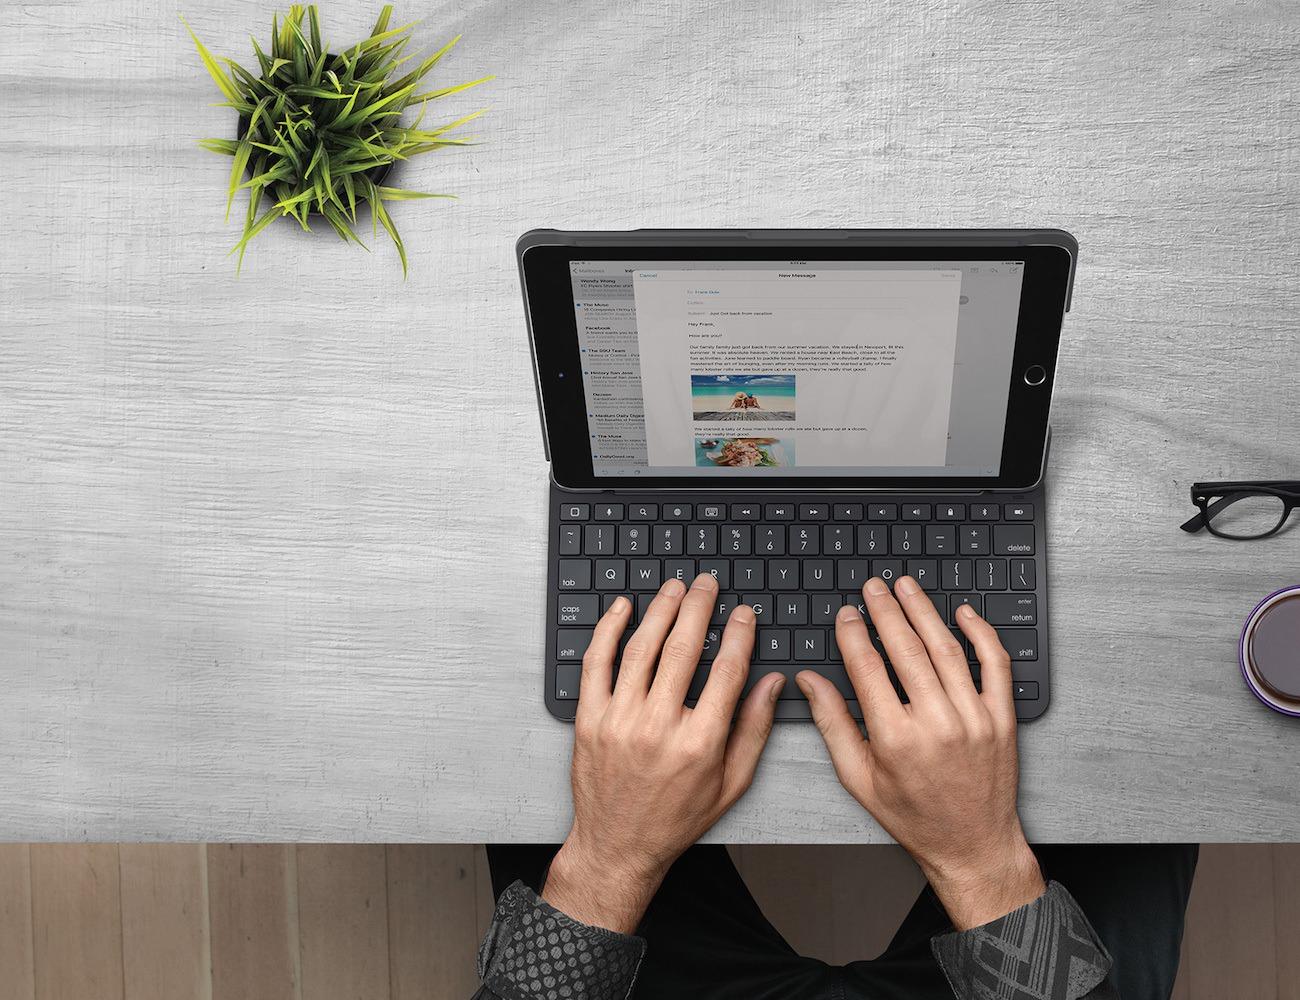 Logitech+Slim+Folio+Keyboard+Case+For+IPad